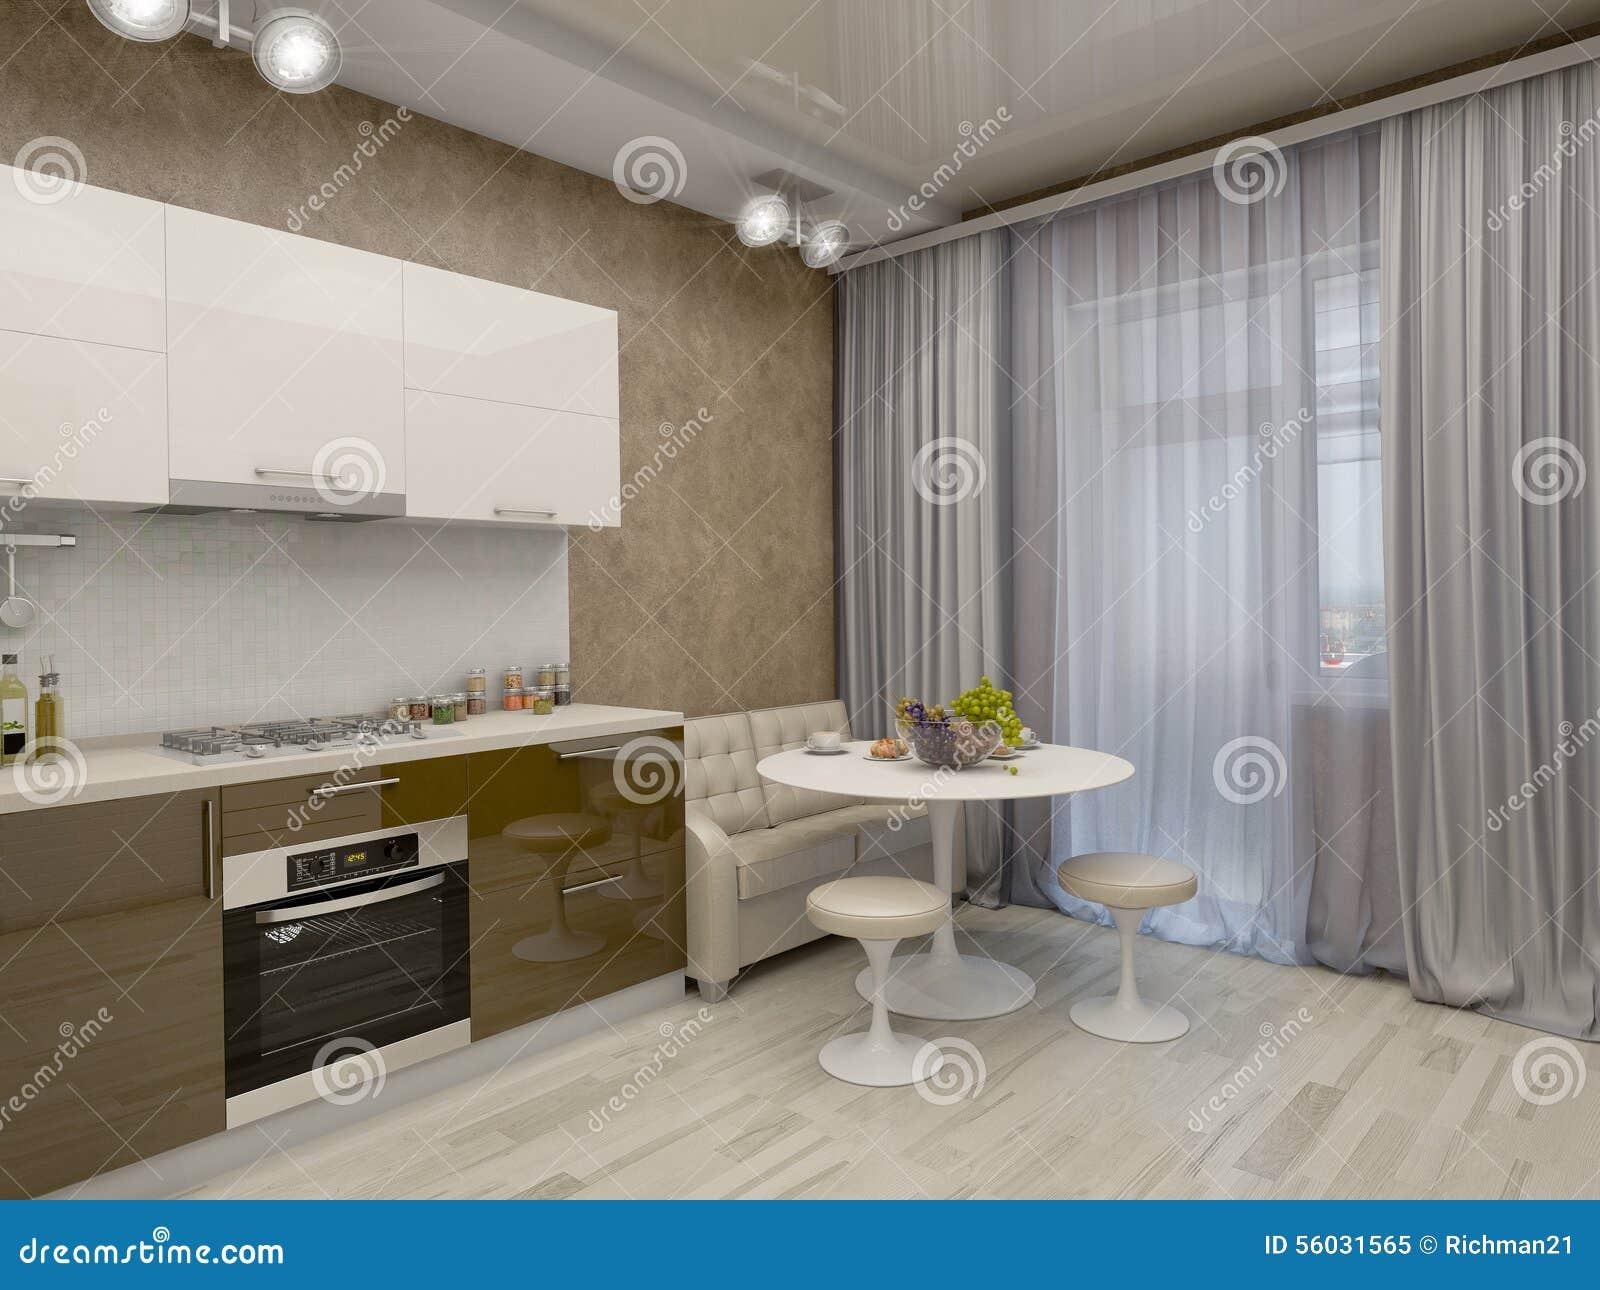 3d Illustratie Van Een Keuken In Beige Tonen Stock Illustratie ...